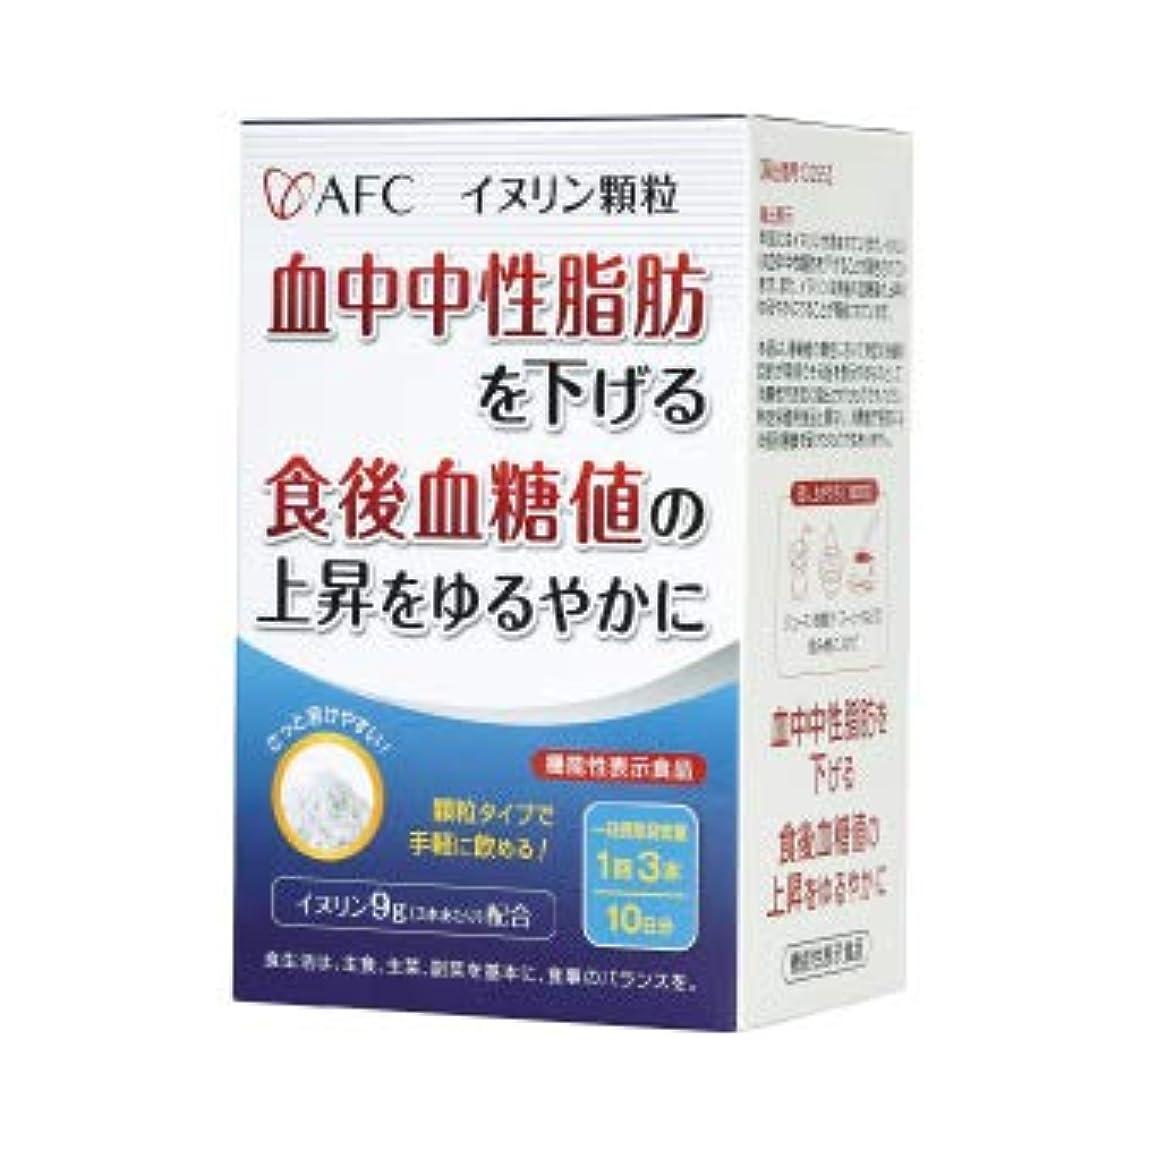 免疫前書き与える【AFC公式ショップ】[機能性表示食品]イヌリン 10日分